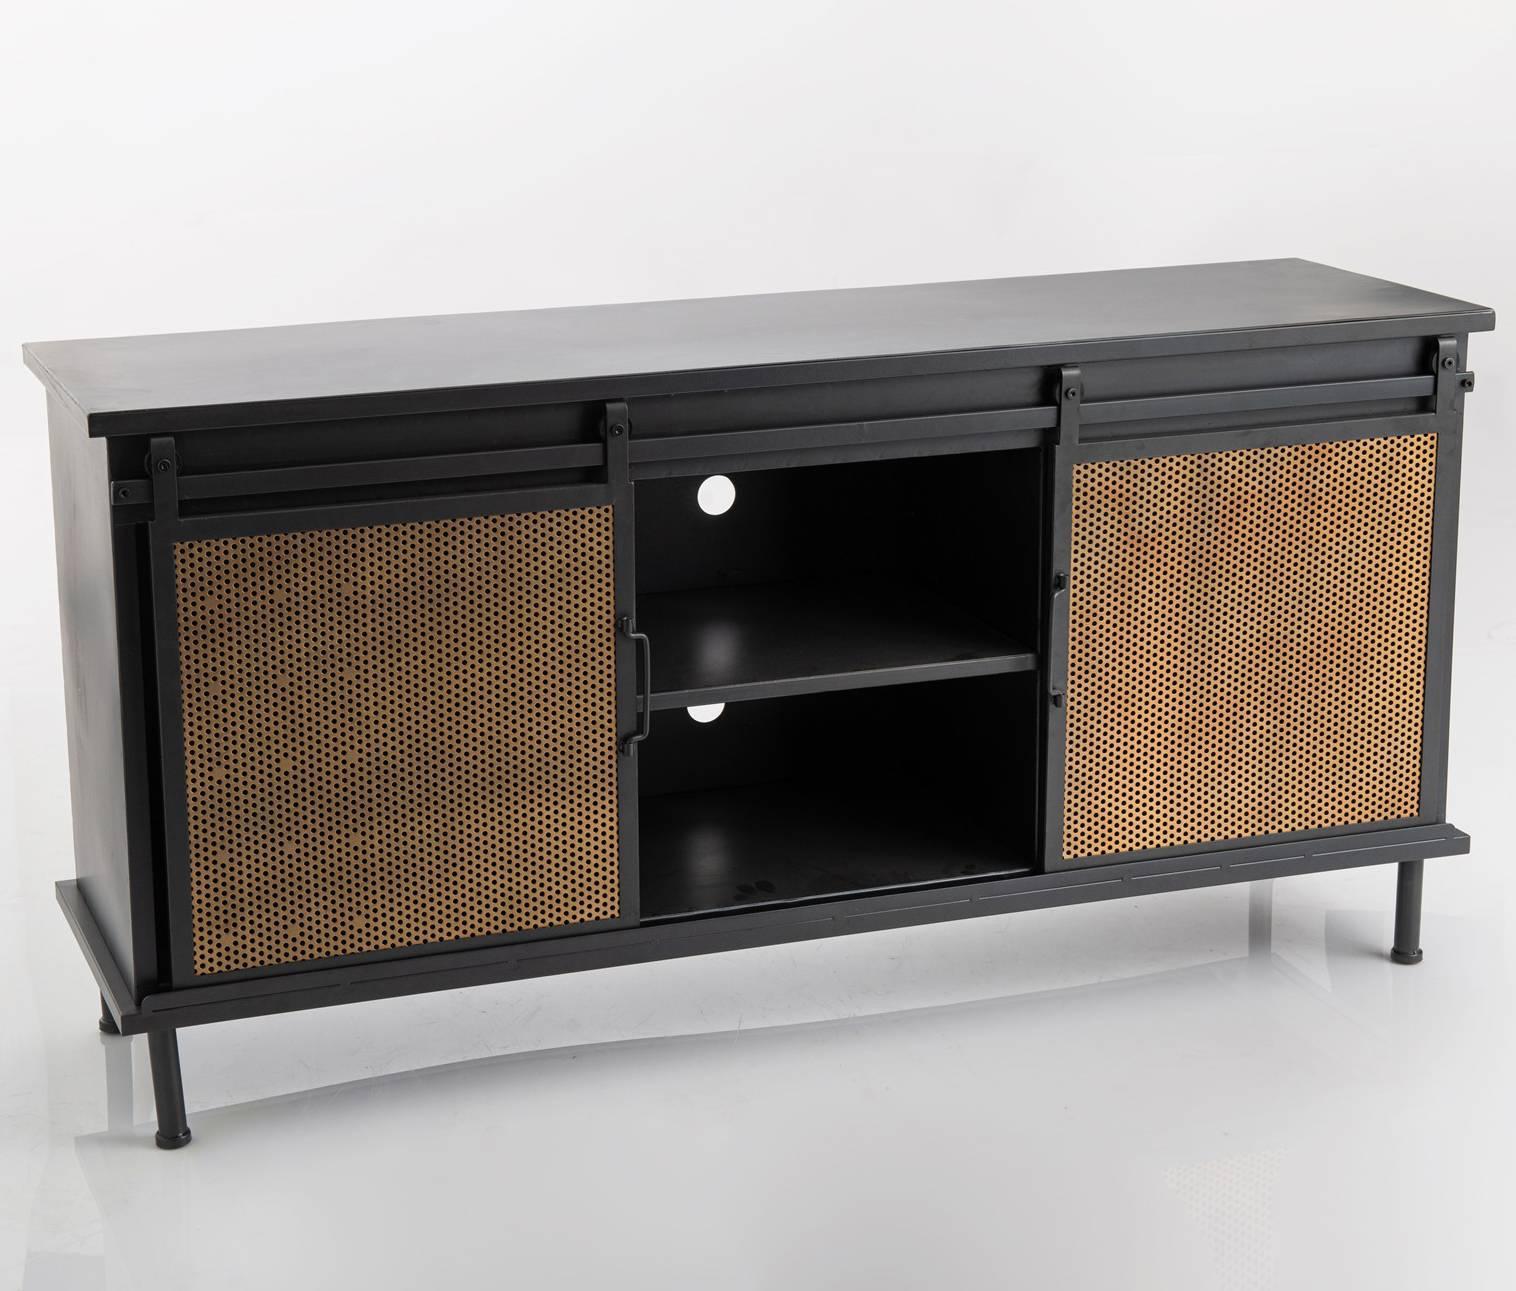 buffet portes coulissantes grillage amadeus bahut meuble tv en metal noir et marron 38x67x135cm